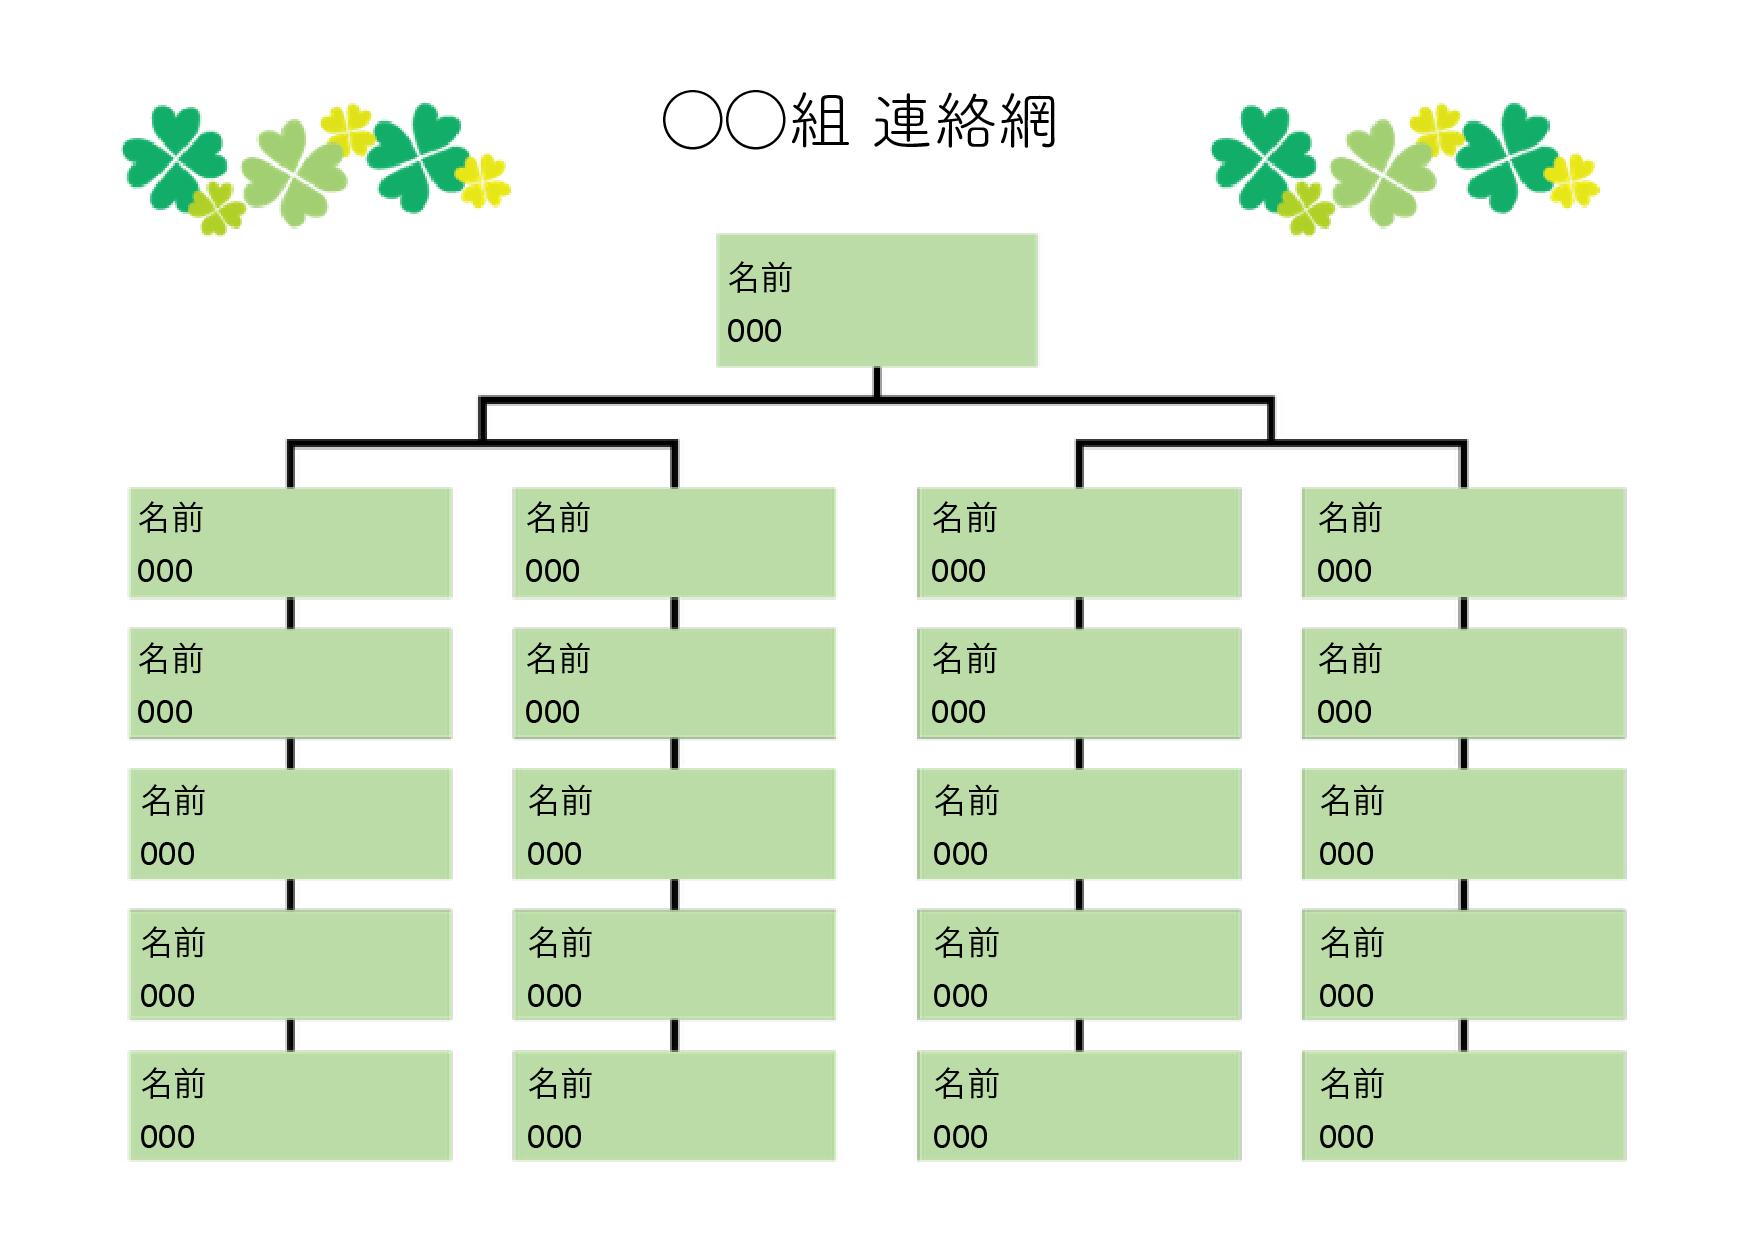 保育園・幼稚園用の連絡網 テンプレート 20人分+1人(大元)グリーン(ワード・ページズ)